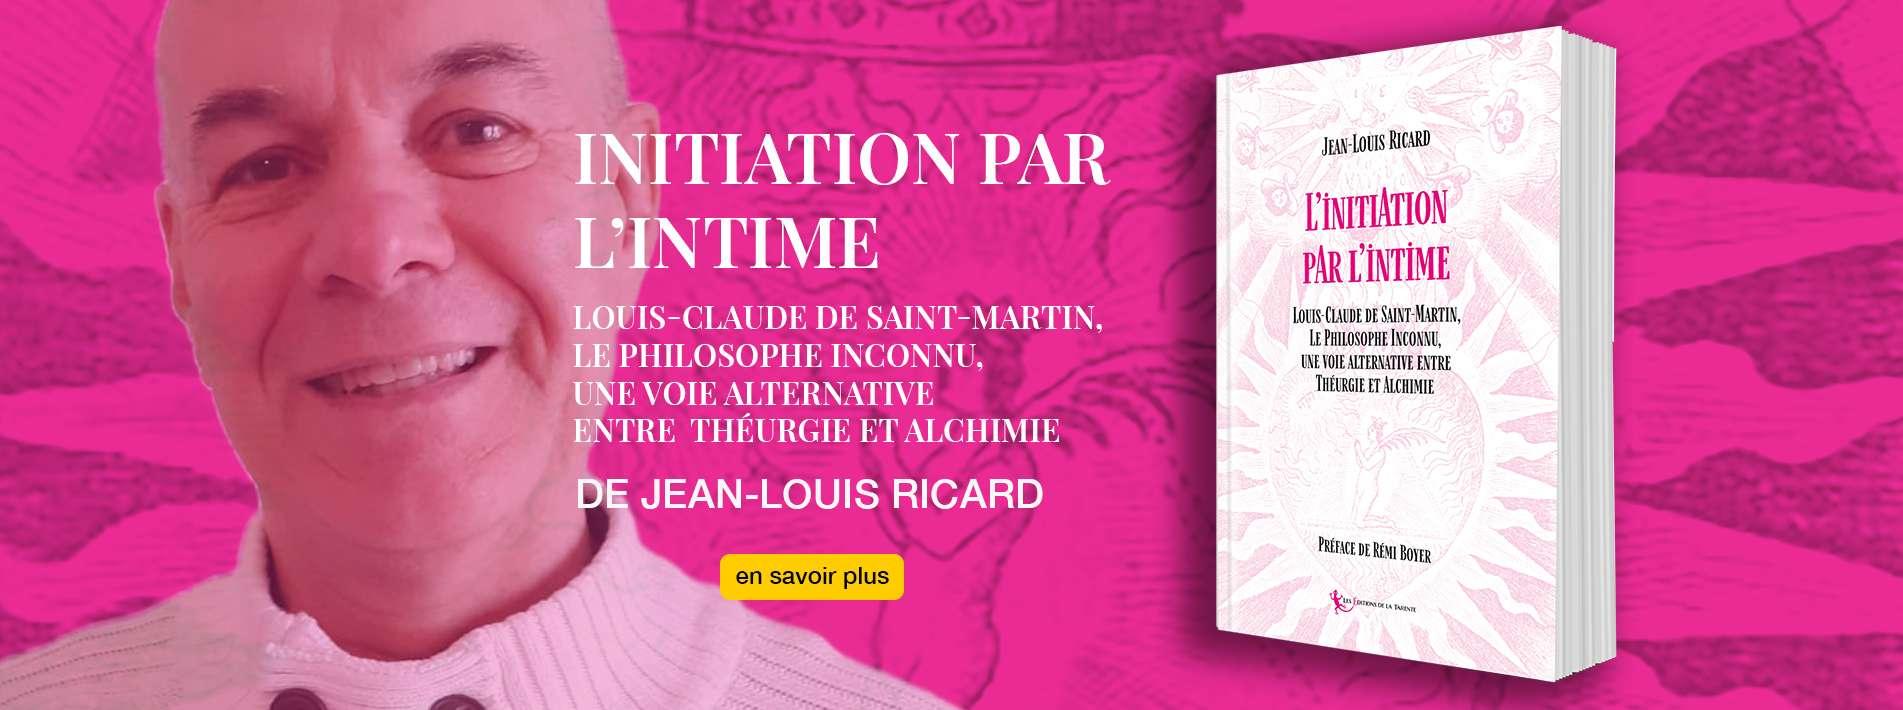 Initiation par l'intime de Jean-Louis Ricard